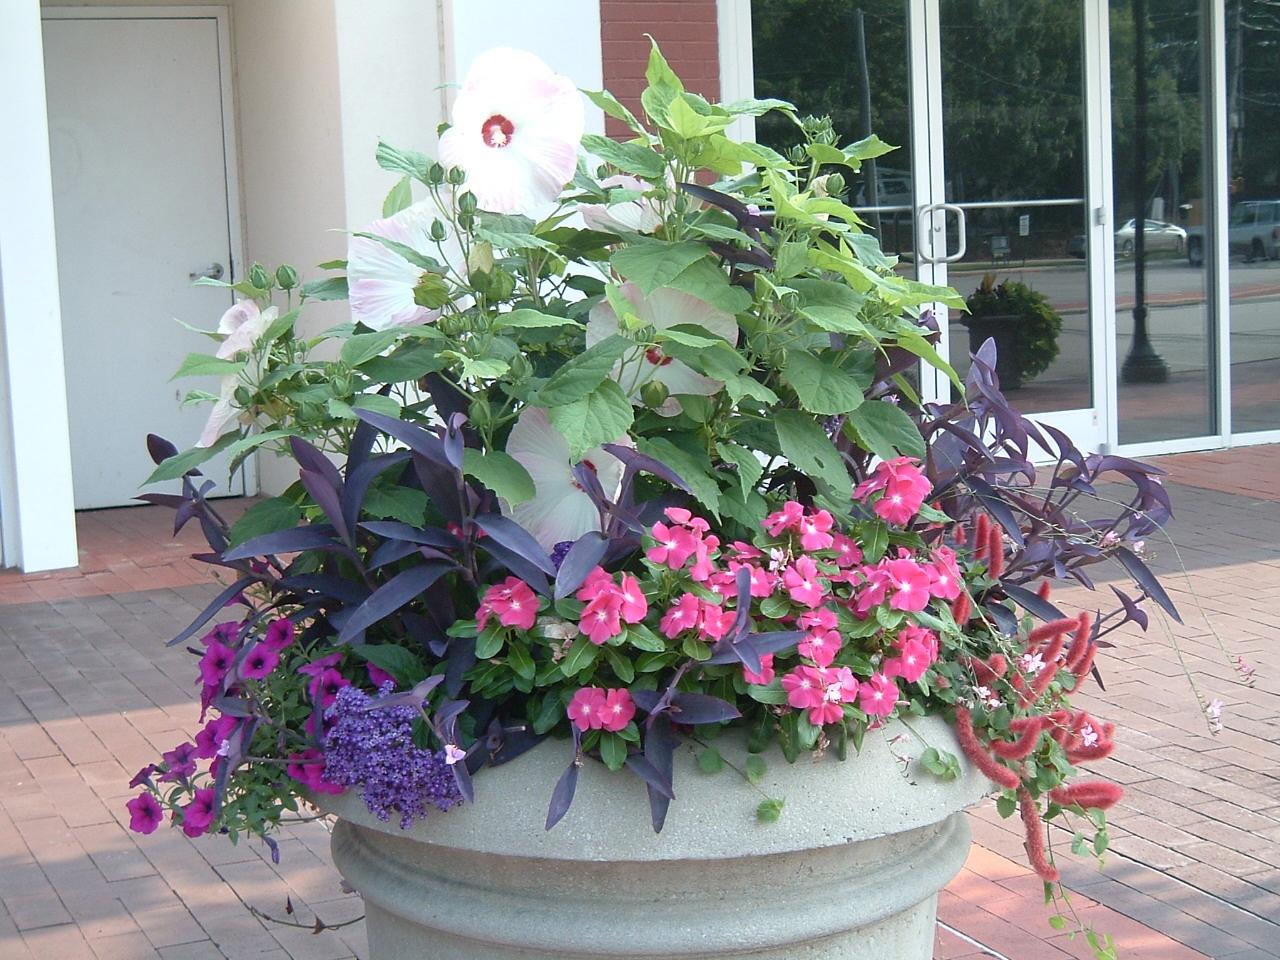 CV pots Large flower pot at store entrance